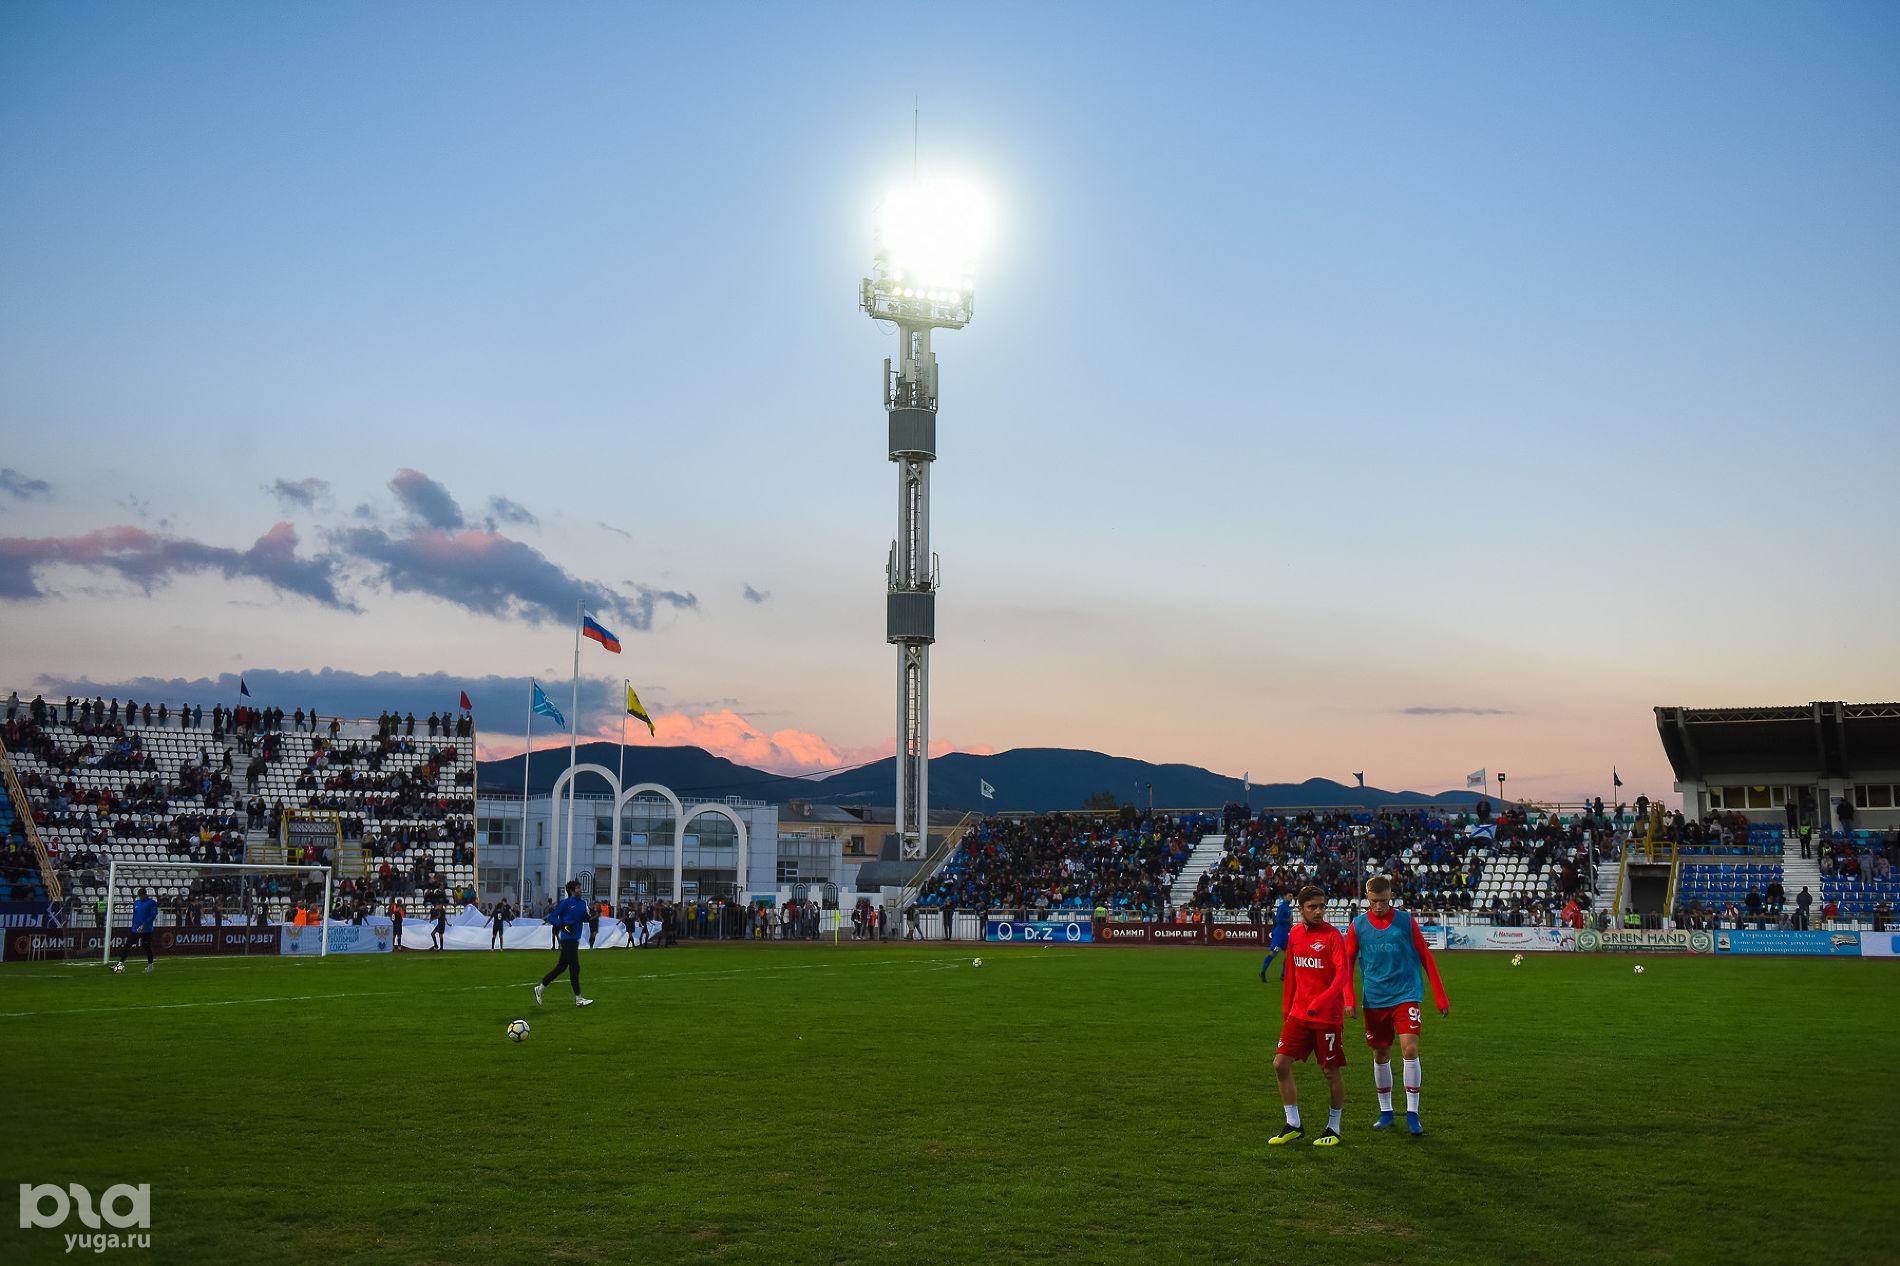 Центральный стадион Новороссийска ©Фото Елены Синеок, Юга.ру